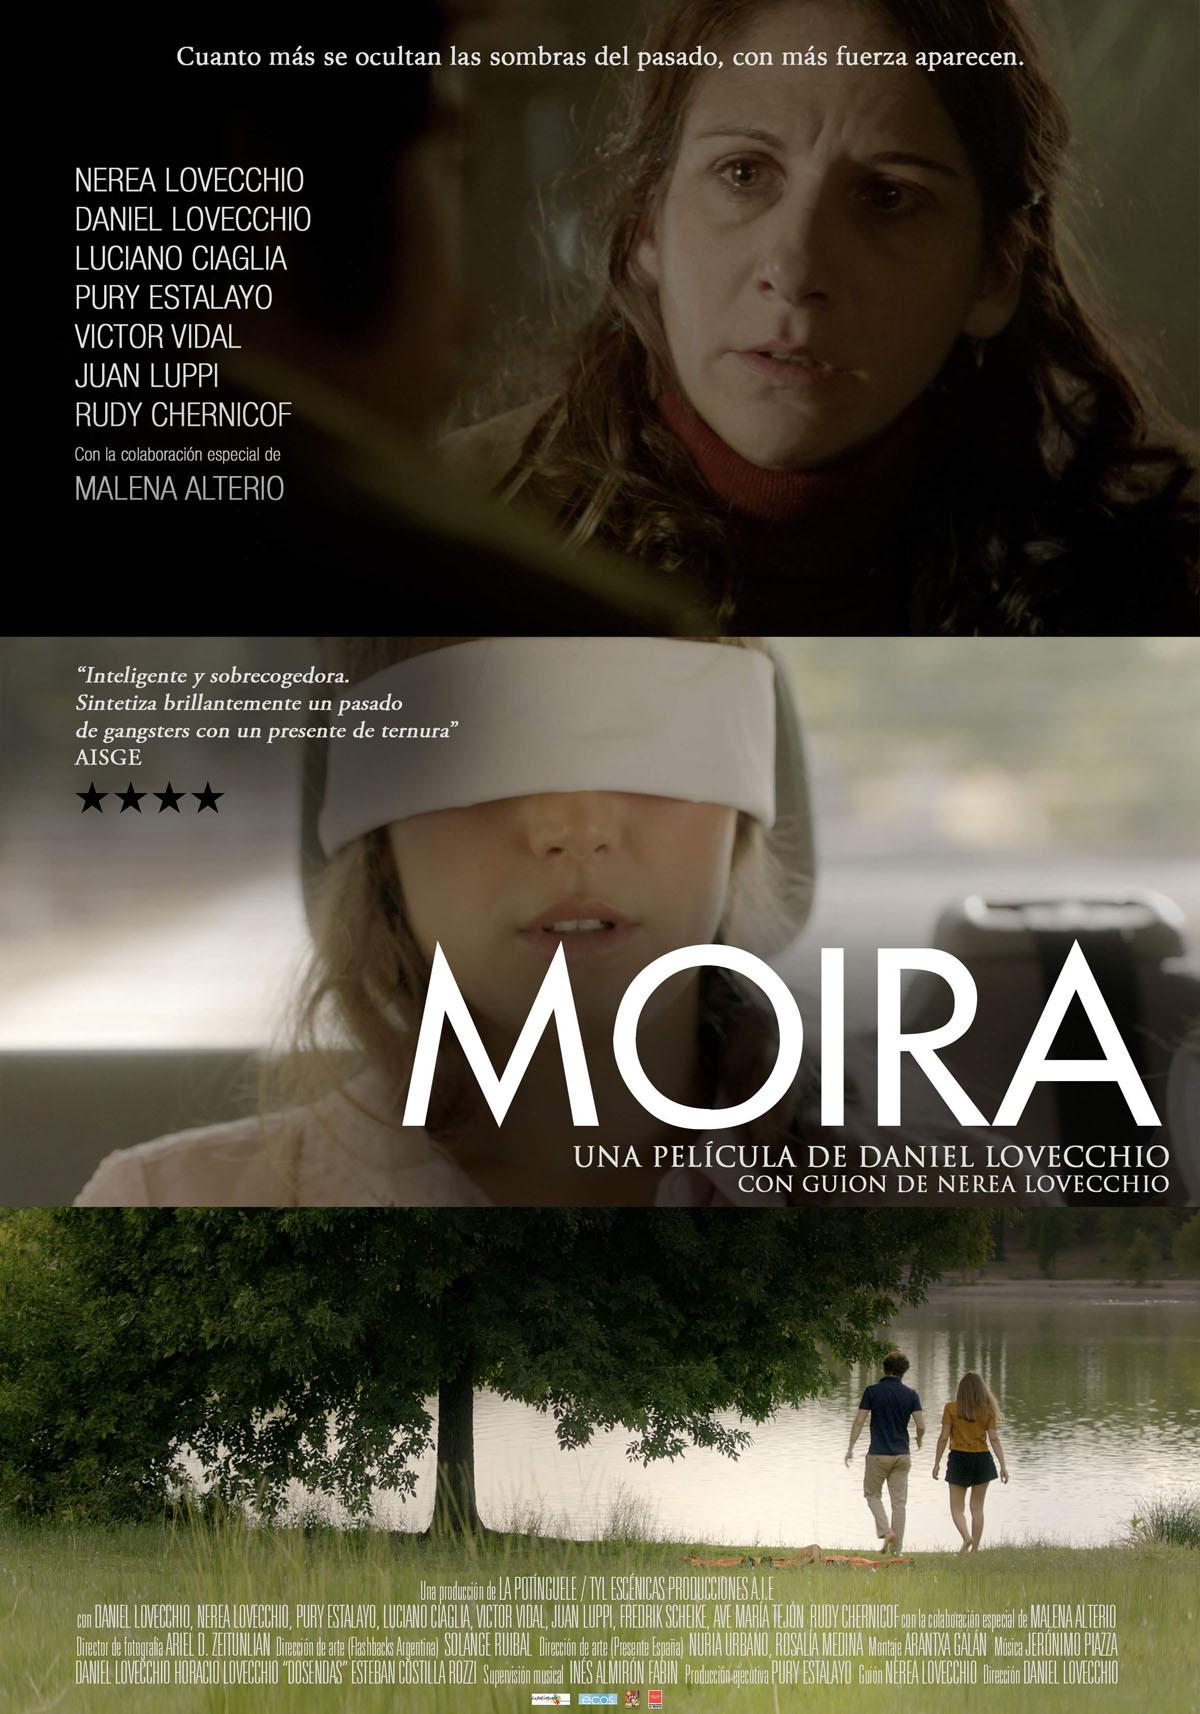 Cartel de Moira - Poster 1 - SensaCine.com